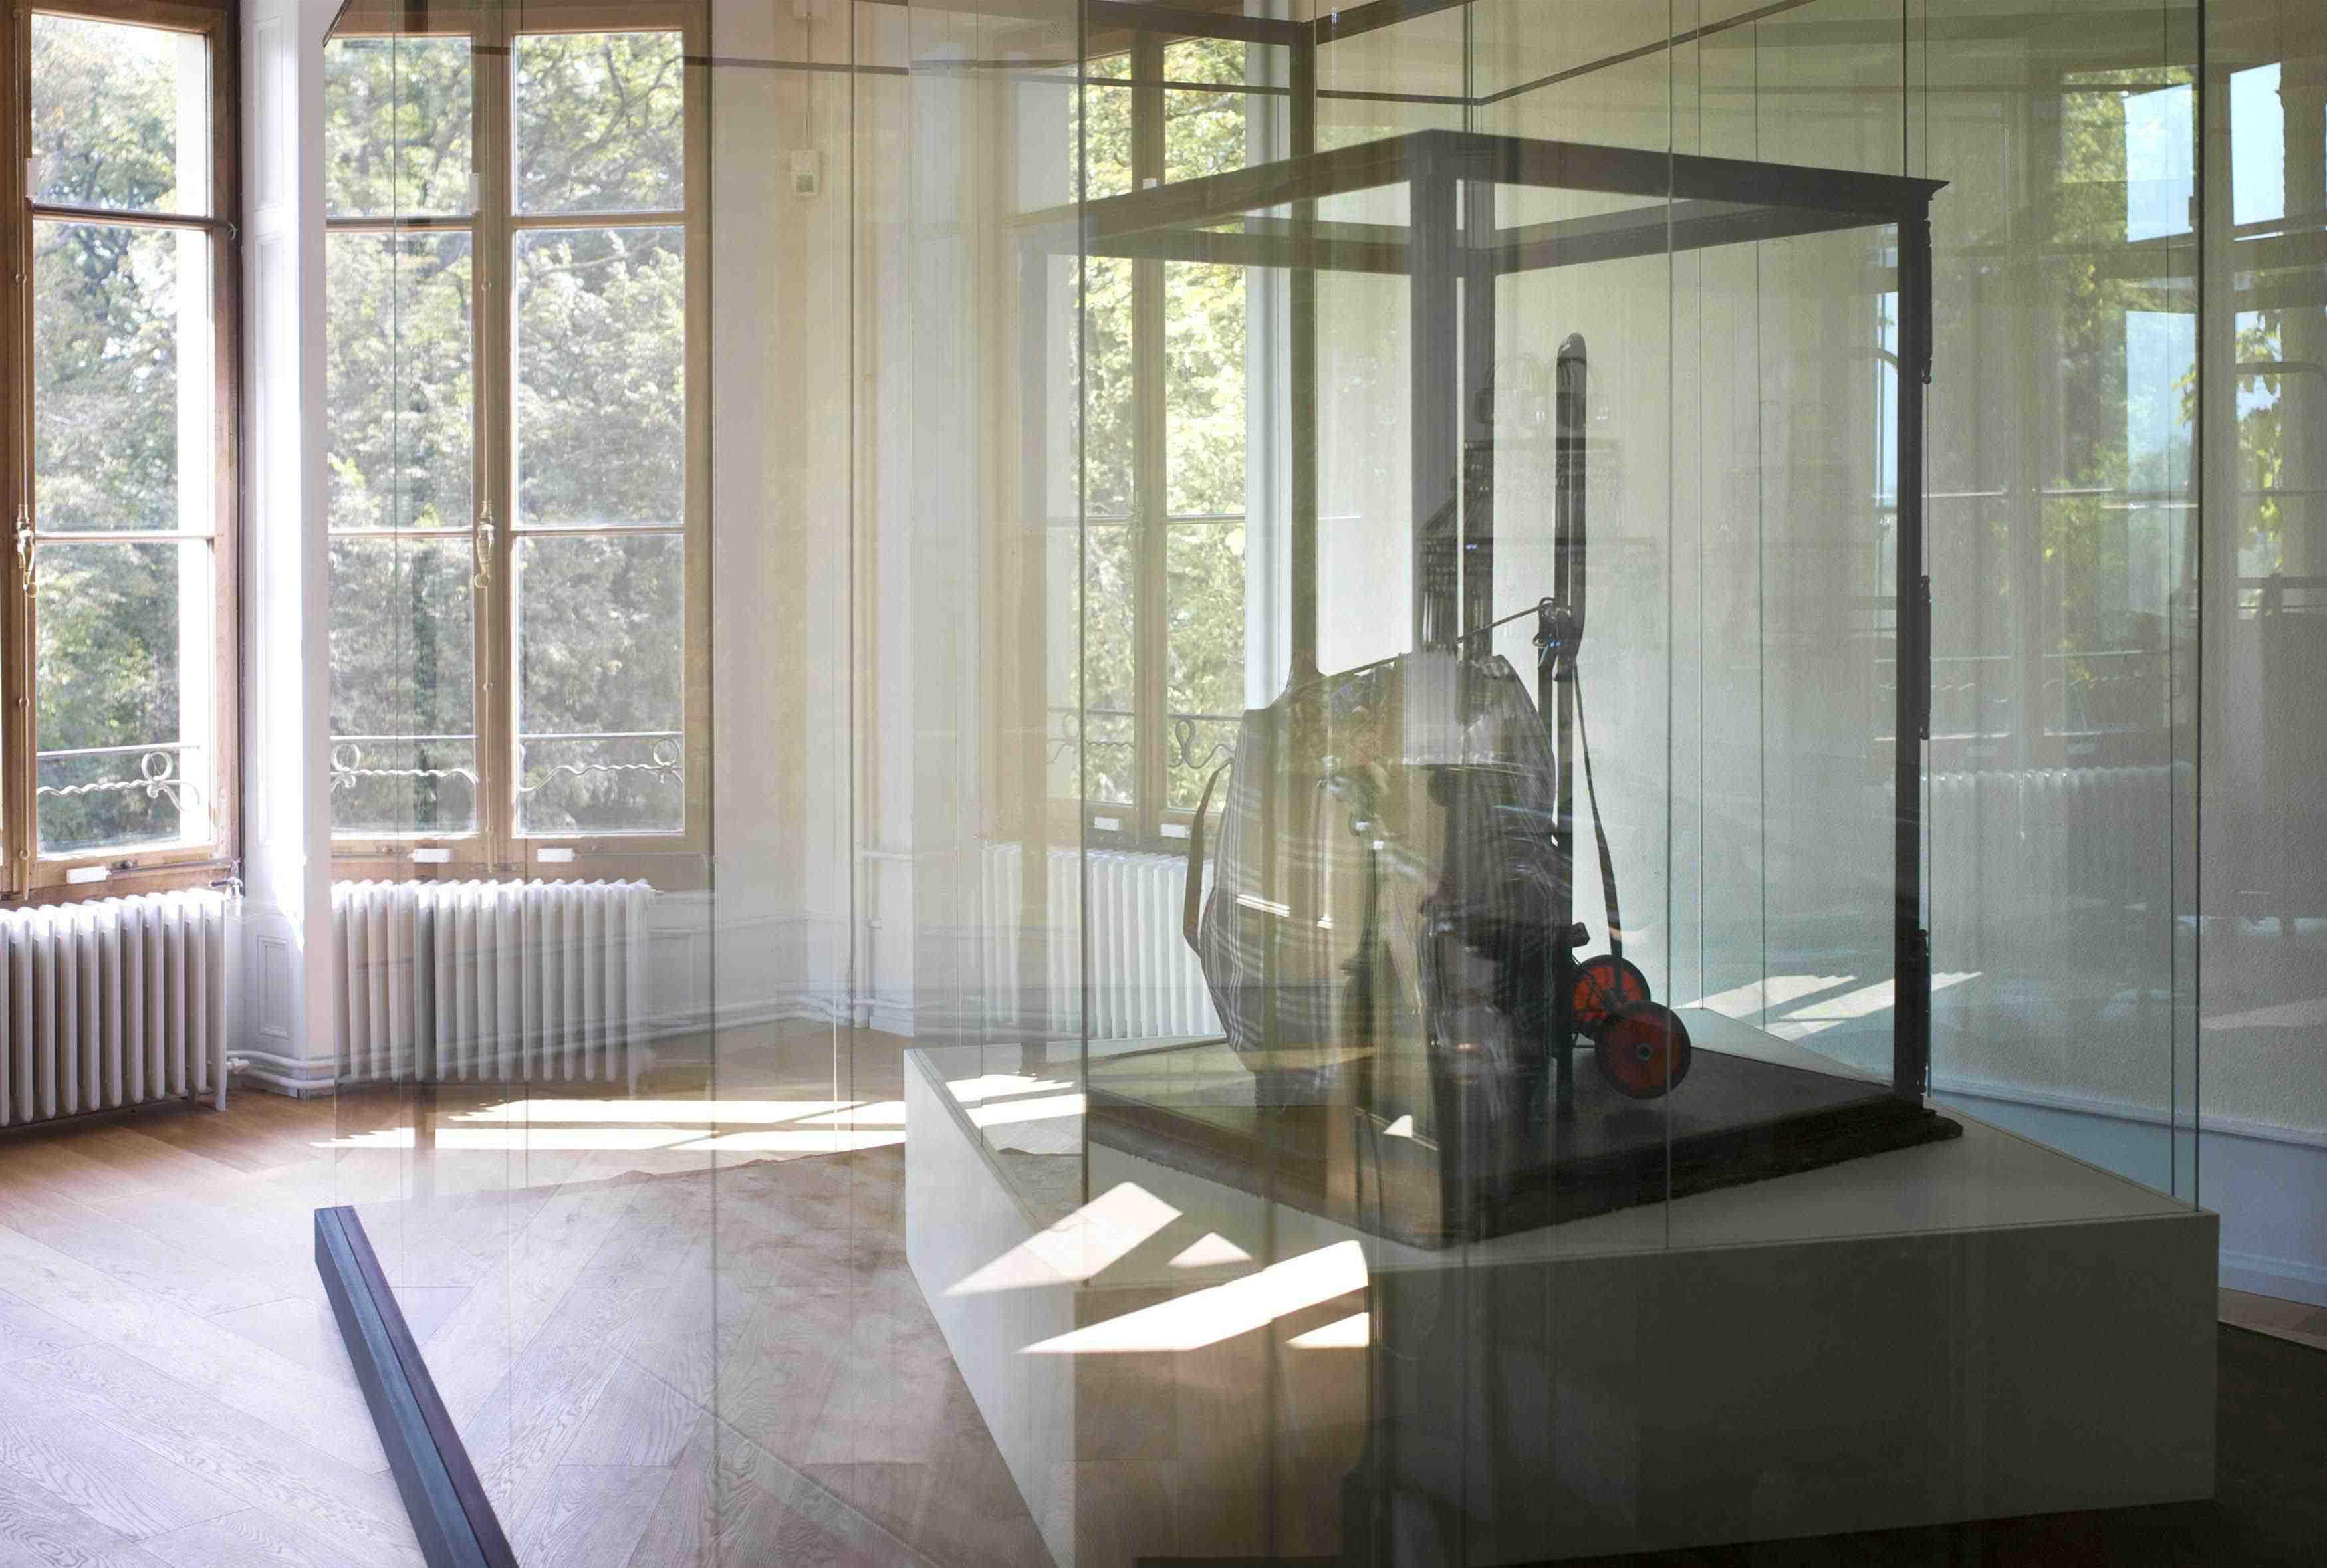 2009 villa sovietica web 21